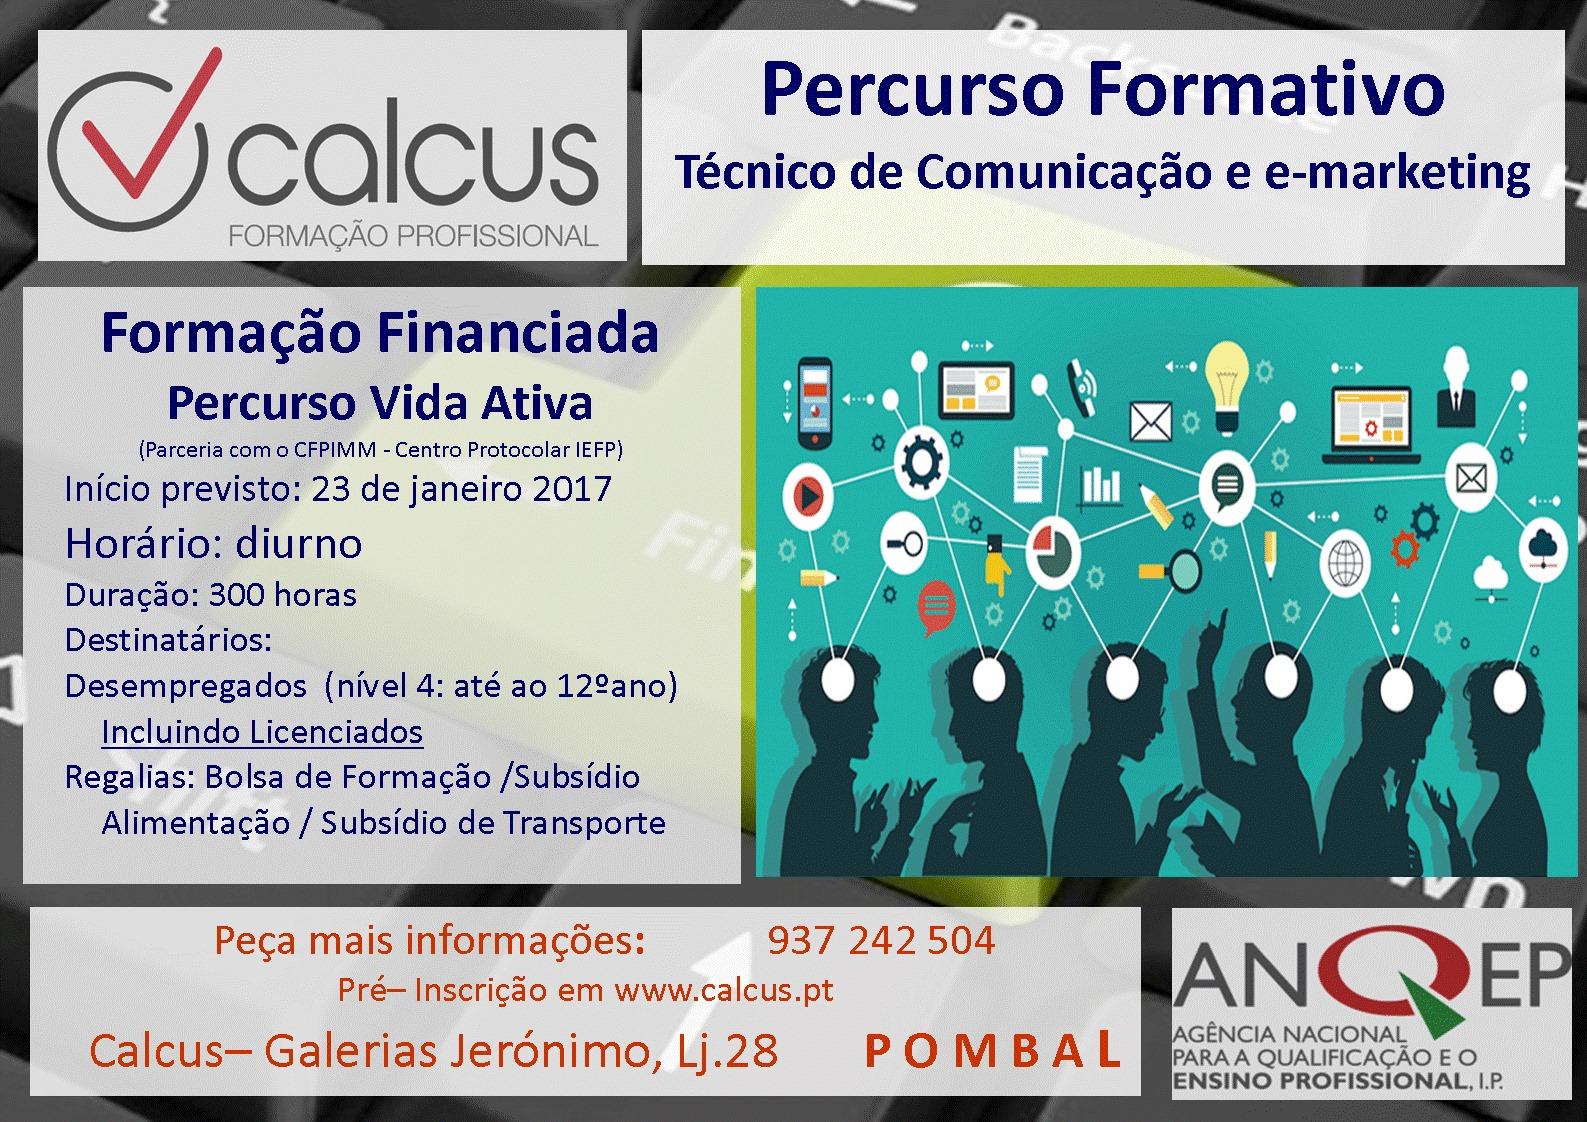 Curso remunerado em Pombal (Percurso de Técnico de Comunicação e e-Marketing)